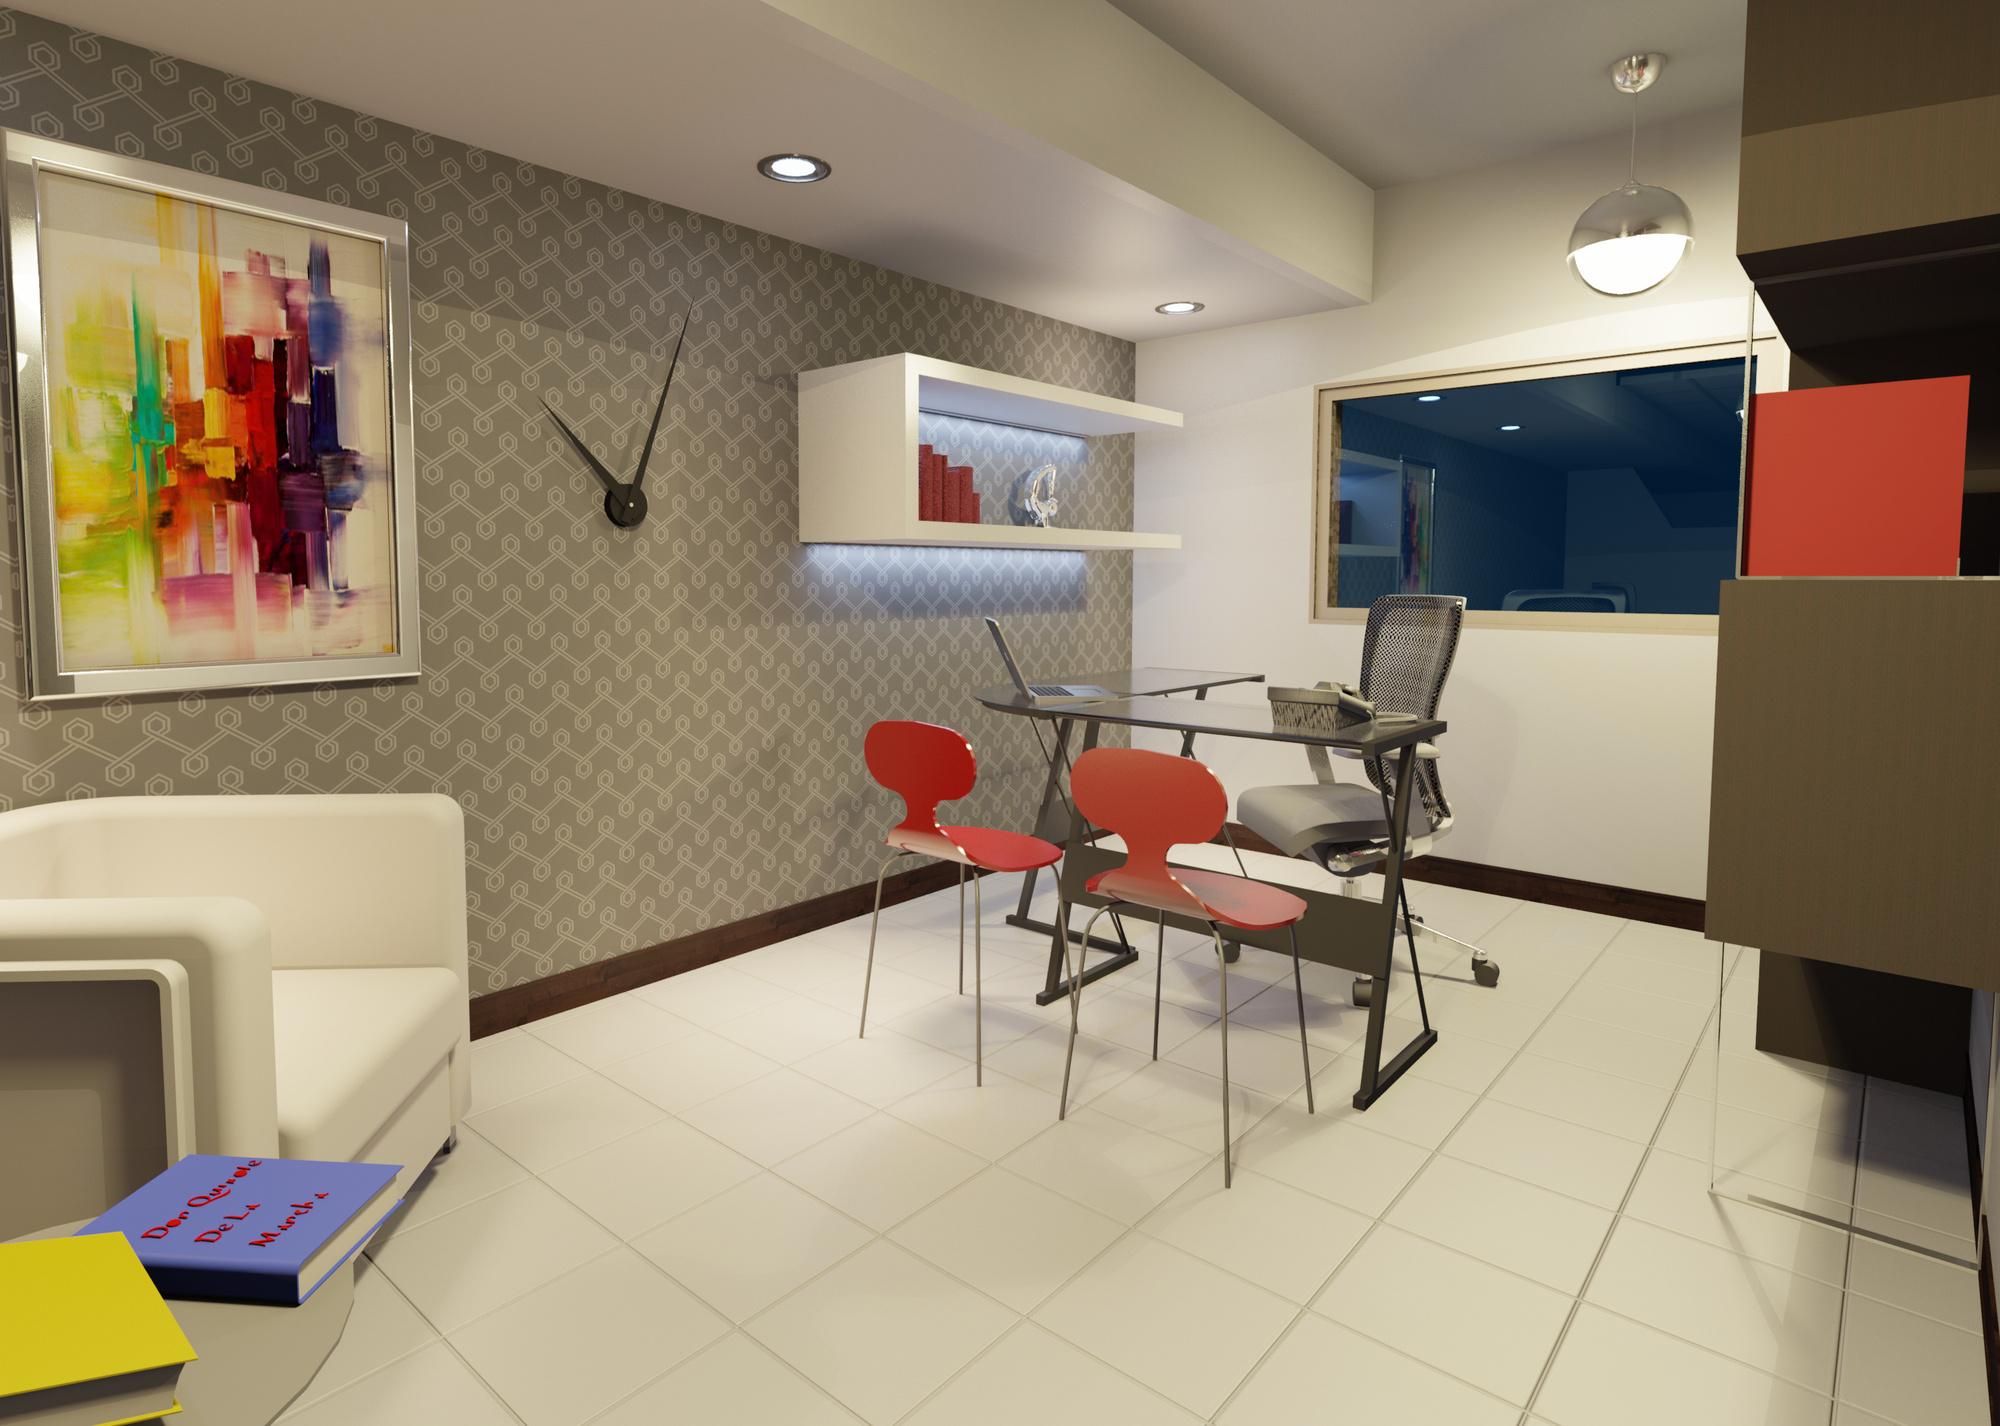 Raas-rendering20150131-24300-hnby1p